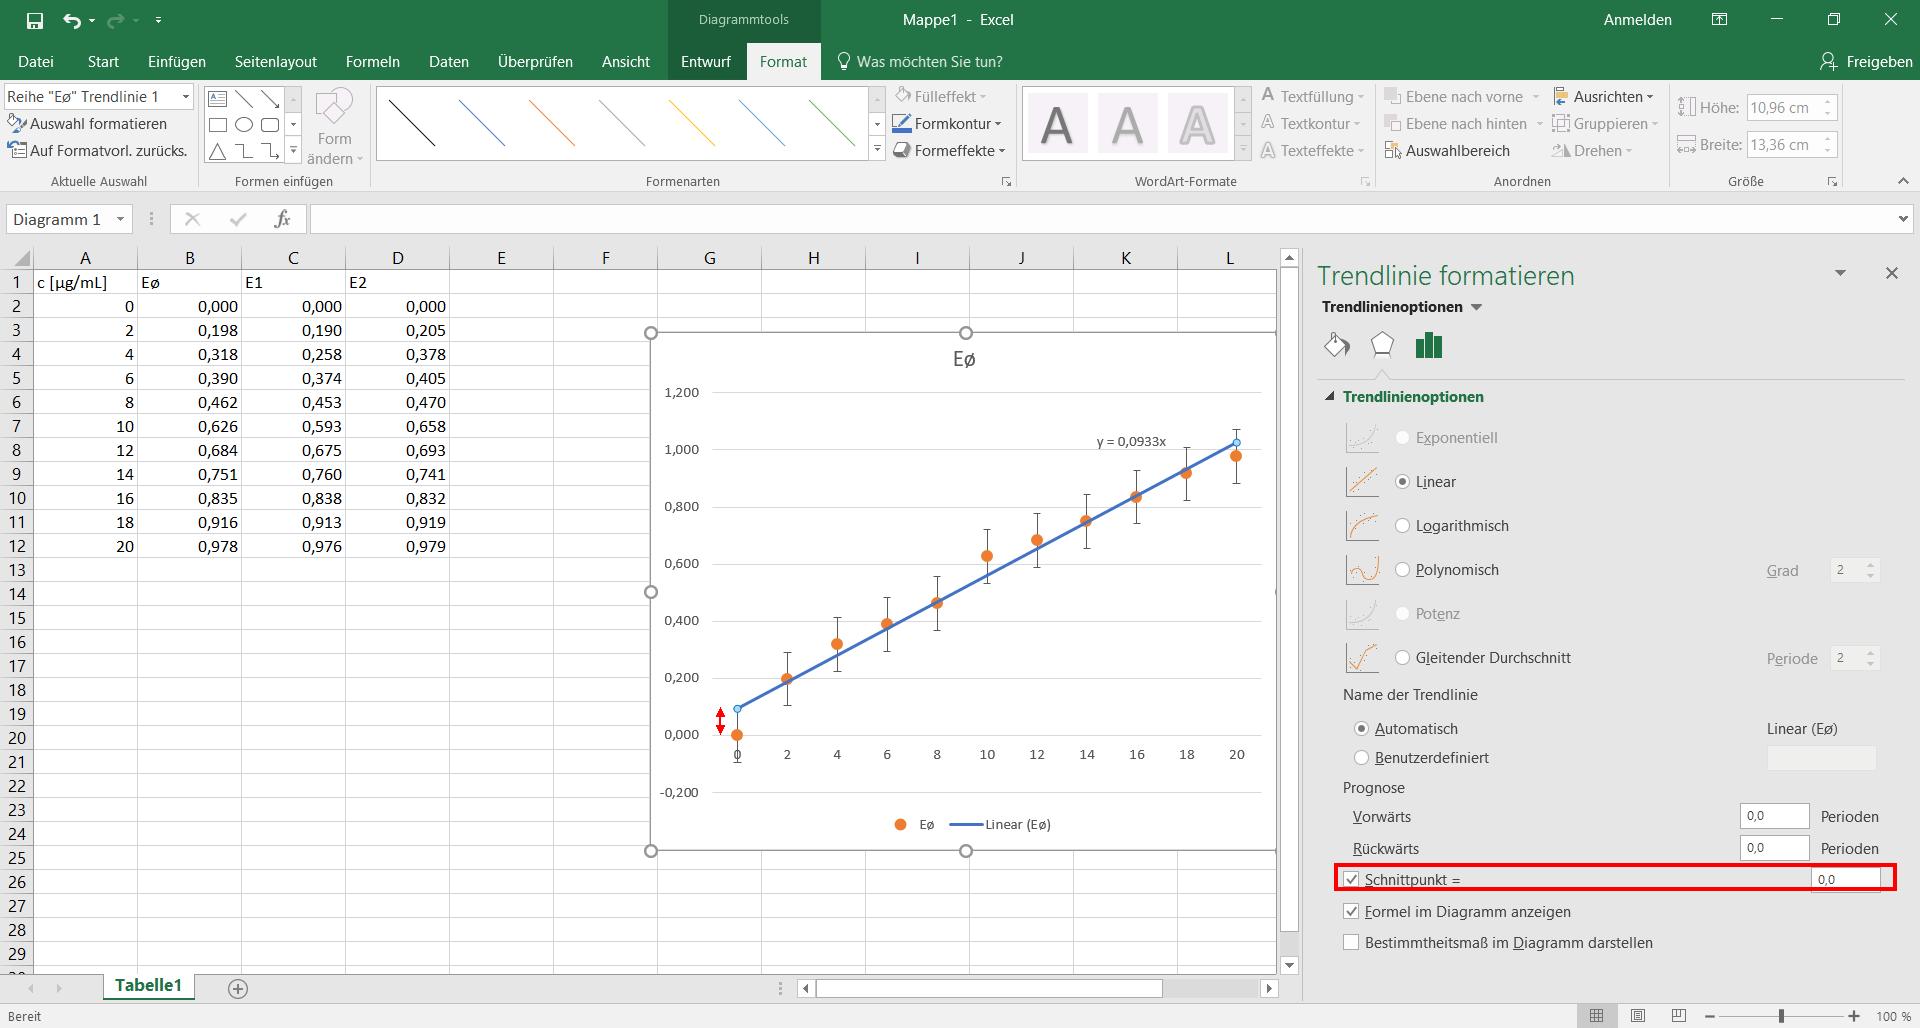 Excel 2016 Diagramm Trendlinie, Schnittpunkt mit Null